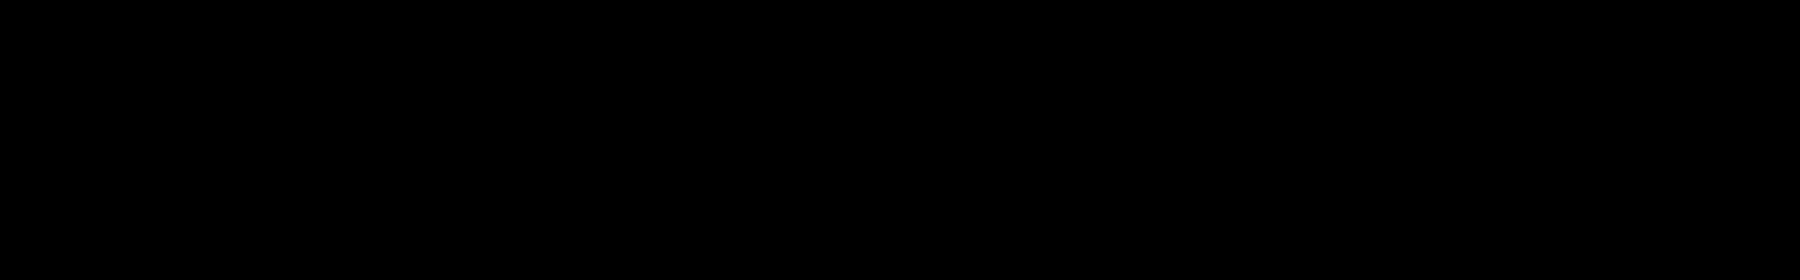 X audio waveform